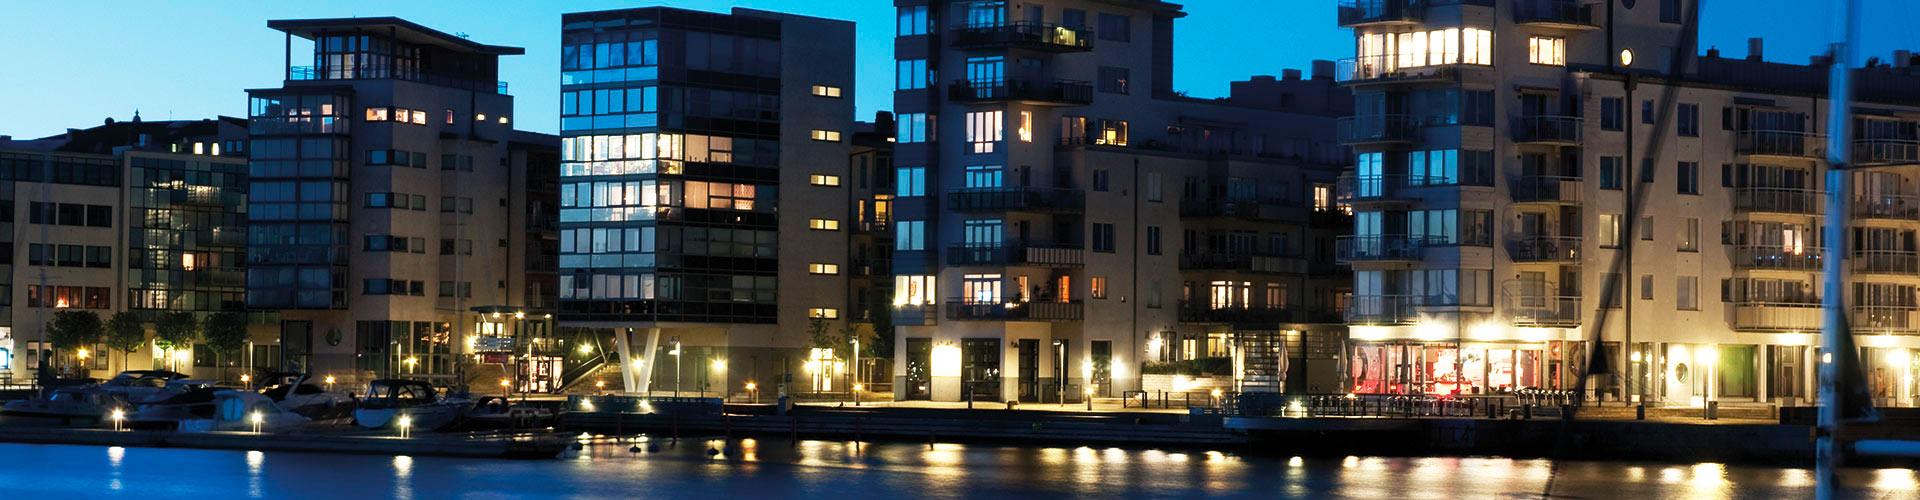 Kvällsbild Norra hamnen i Helsingborg